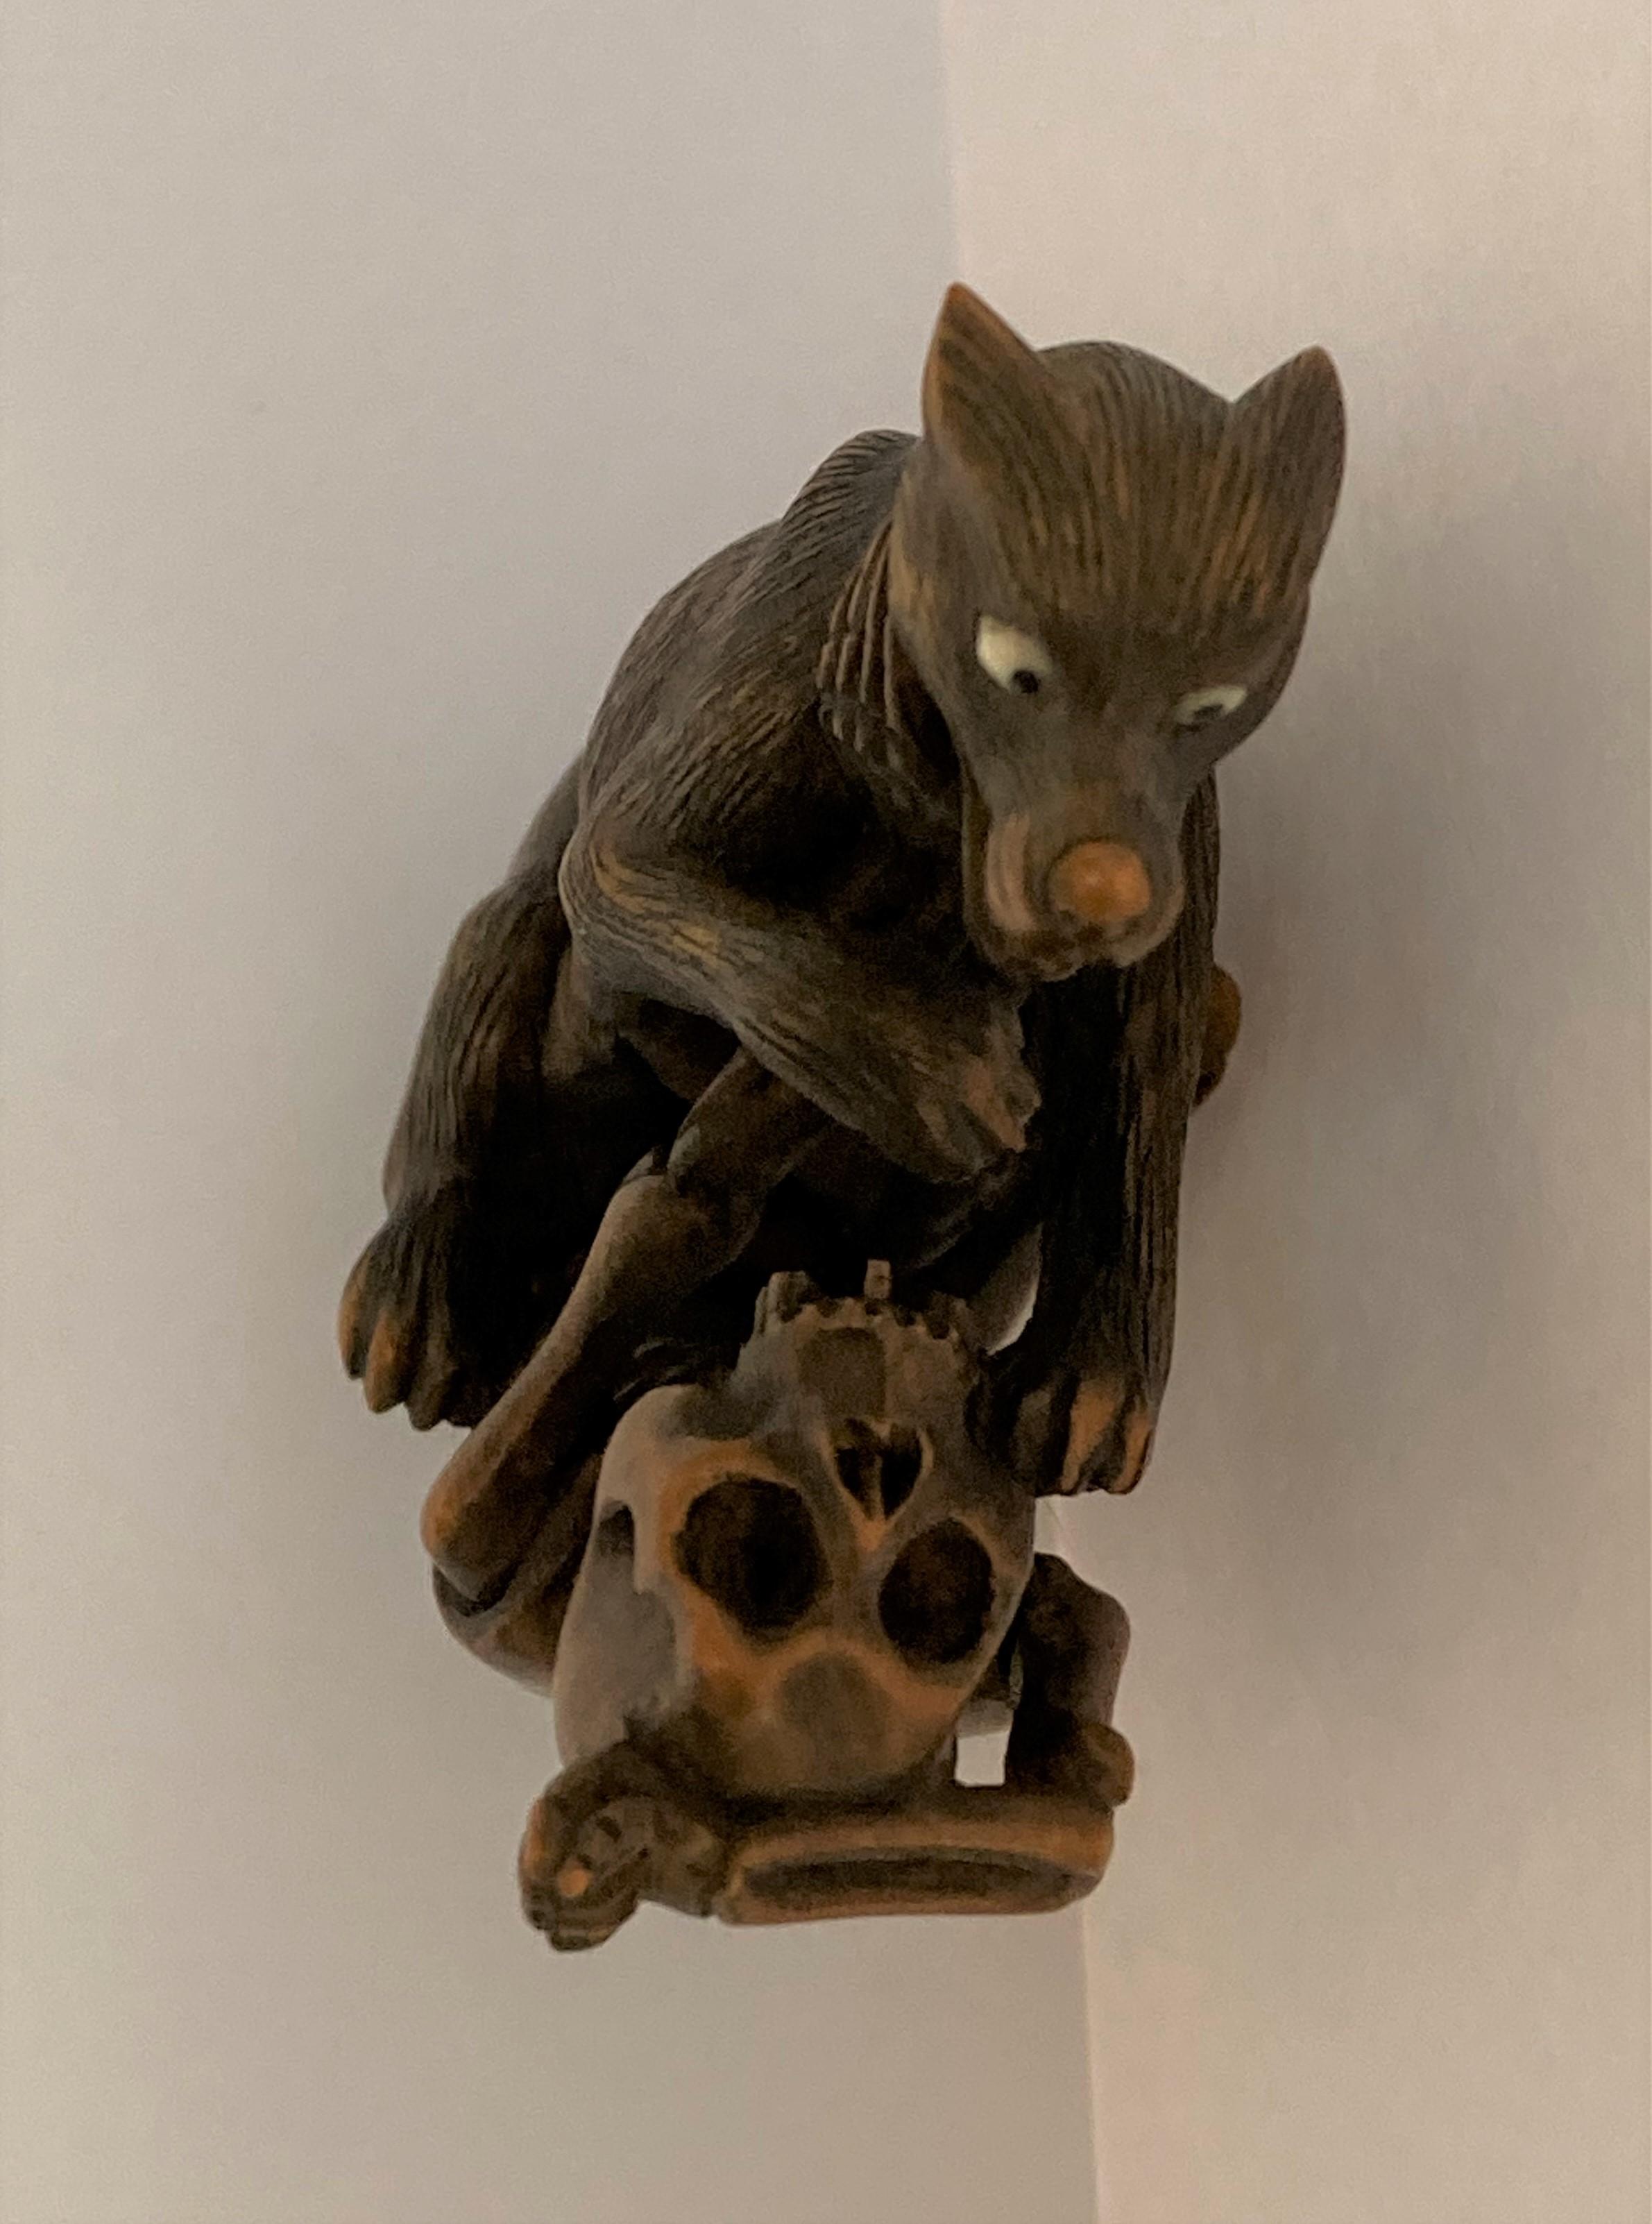 NETSUKE en bois figurant un squelette et un loup combattant, la main du squelette sur la gorge de - Image 3 of 4